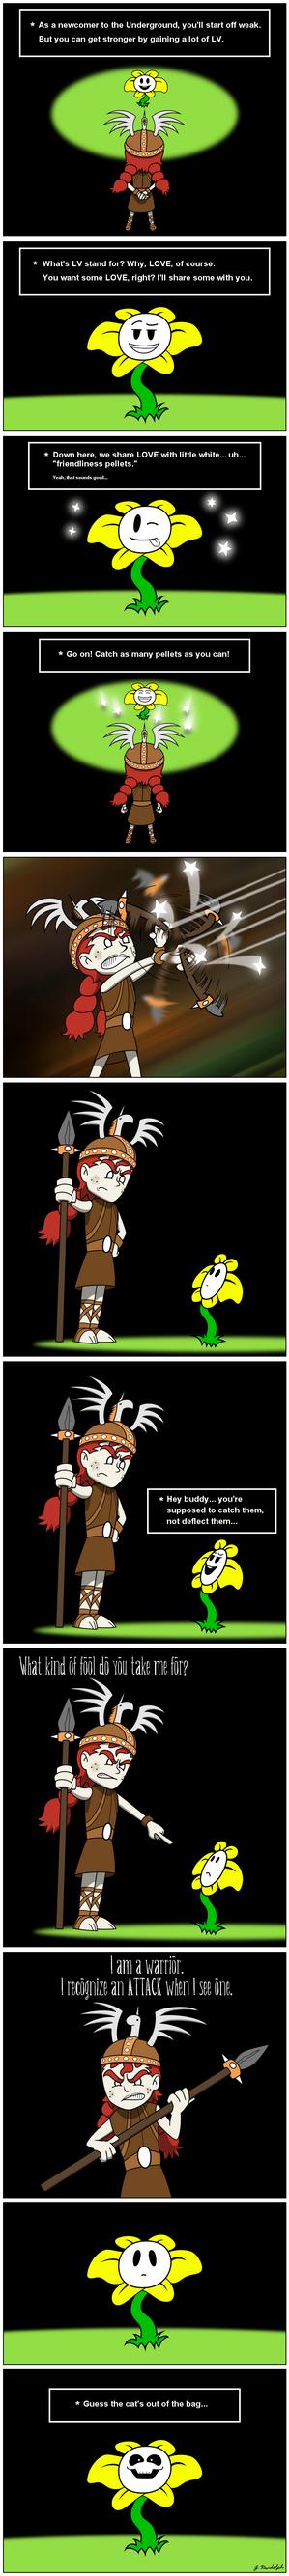 Wigfrid in Undertale - page 2 by Arrog-Ent-Alien